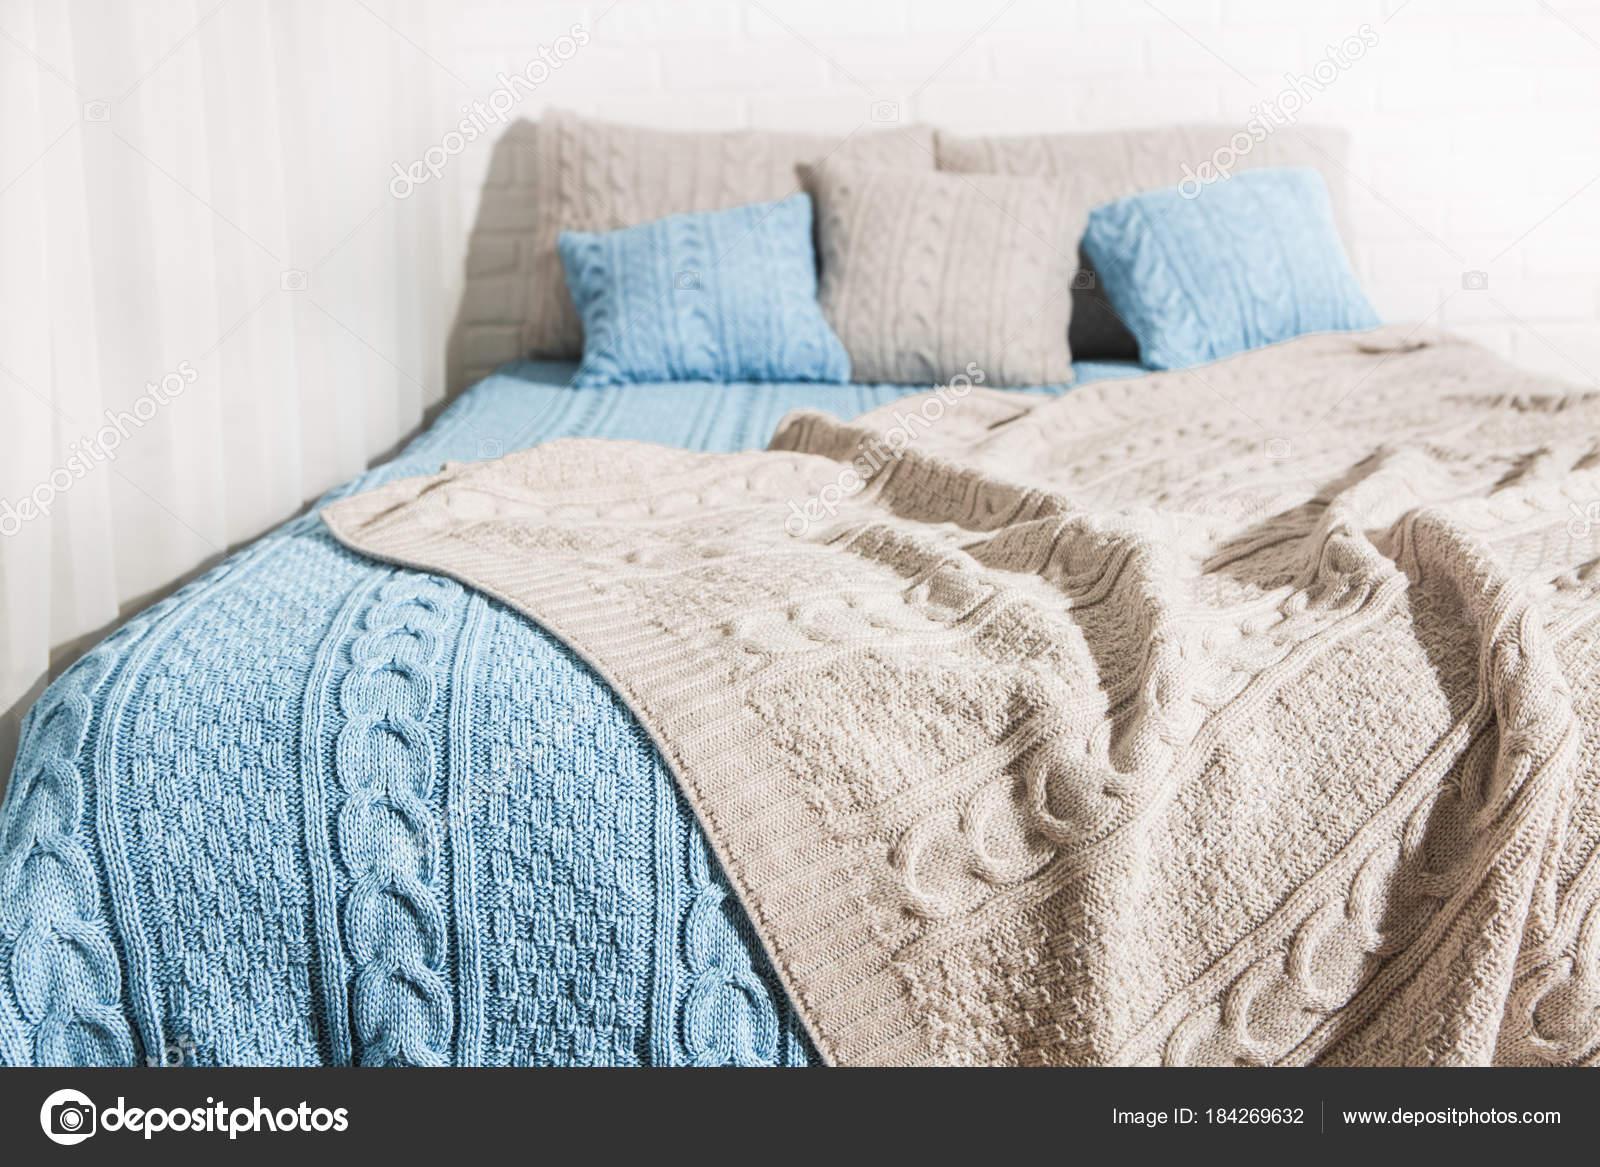 Schlafzimmer Bett Decke Plaid Blau Beige U2014 Stockfoto